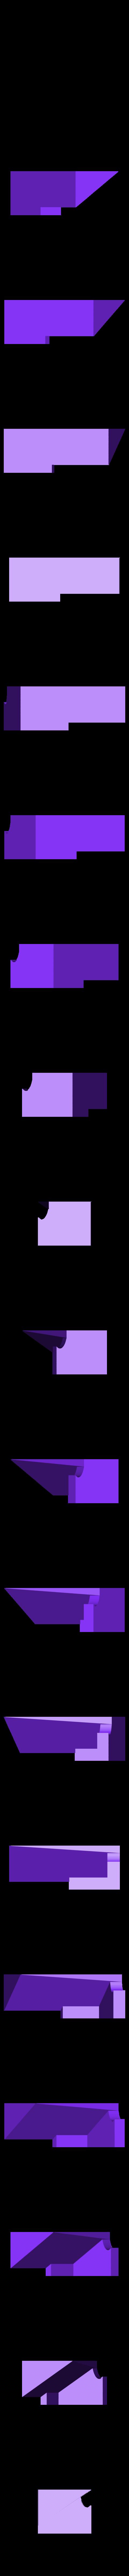 Sofitel.stl Télécharger fichier STL gratuit Mise à jour de Chicago • Plan pour impression 3D, Urukgar4D